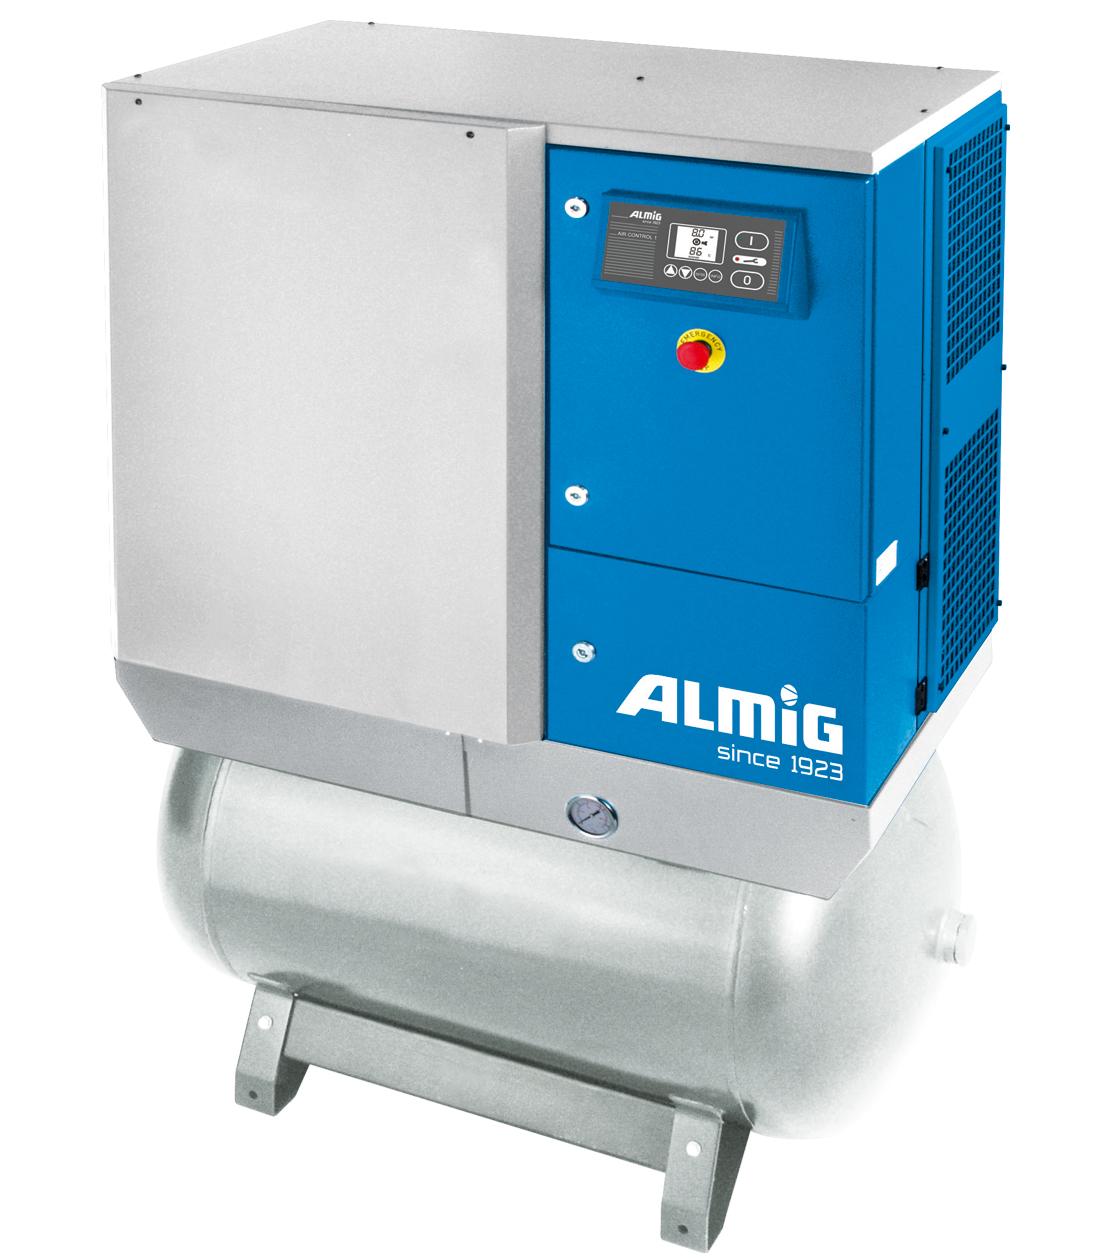 ALMIG Schraubenkompressoranlage COMBI 11